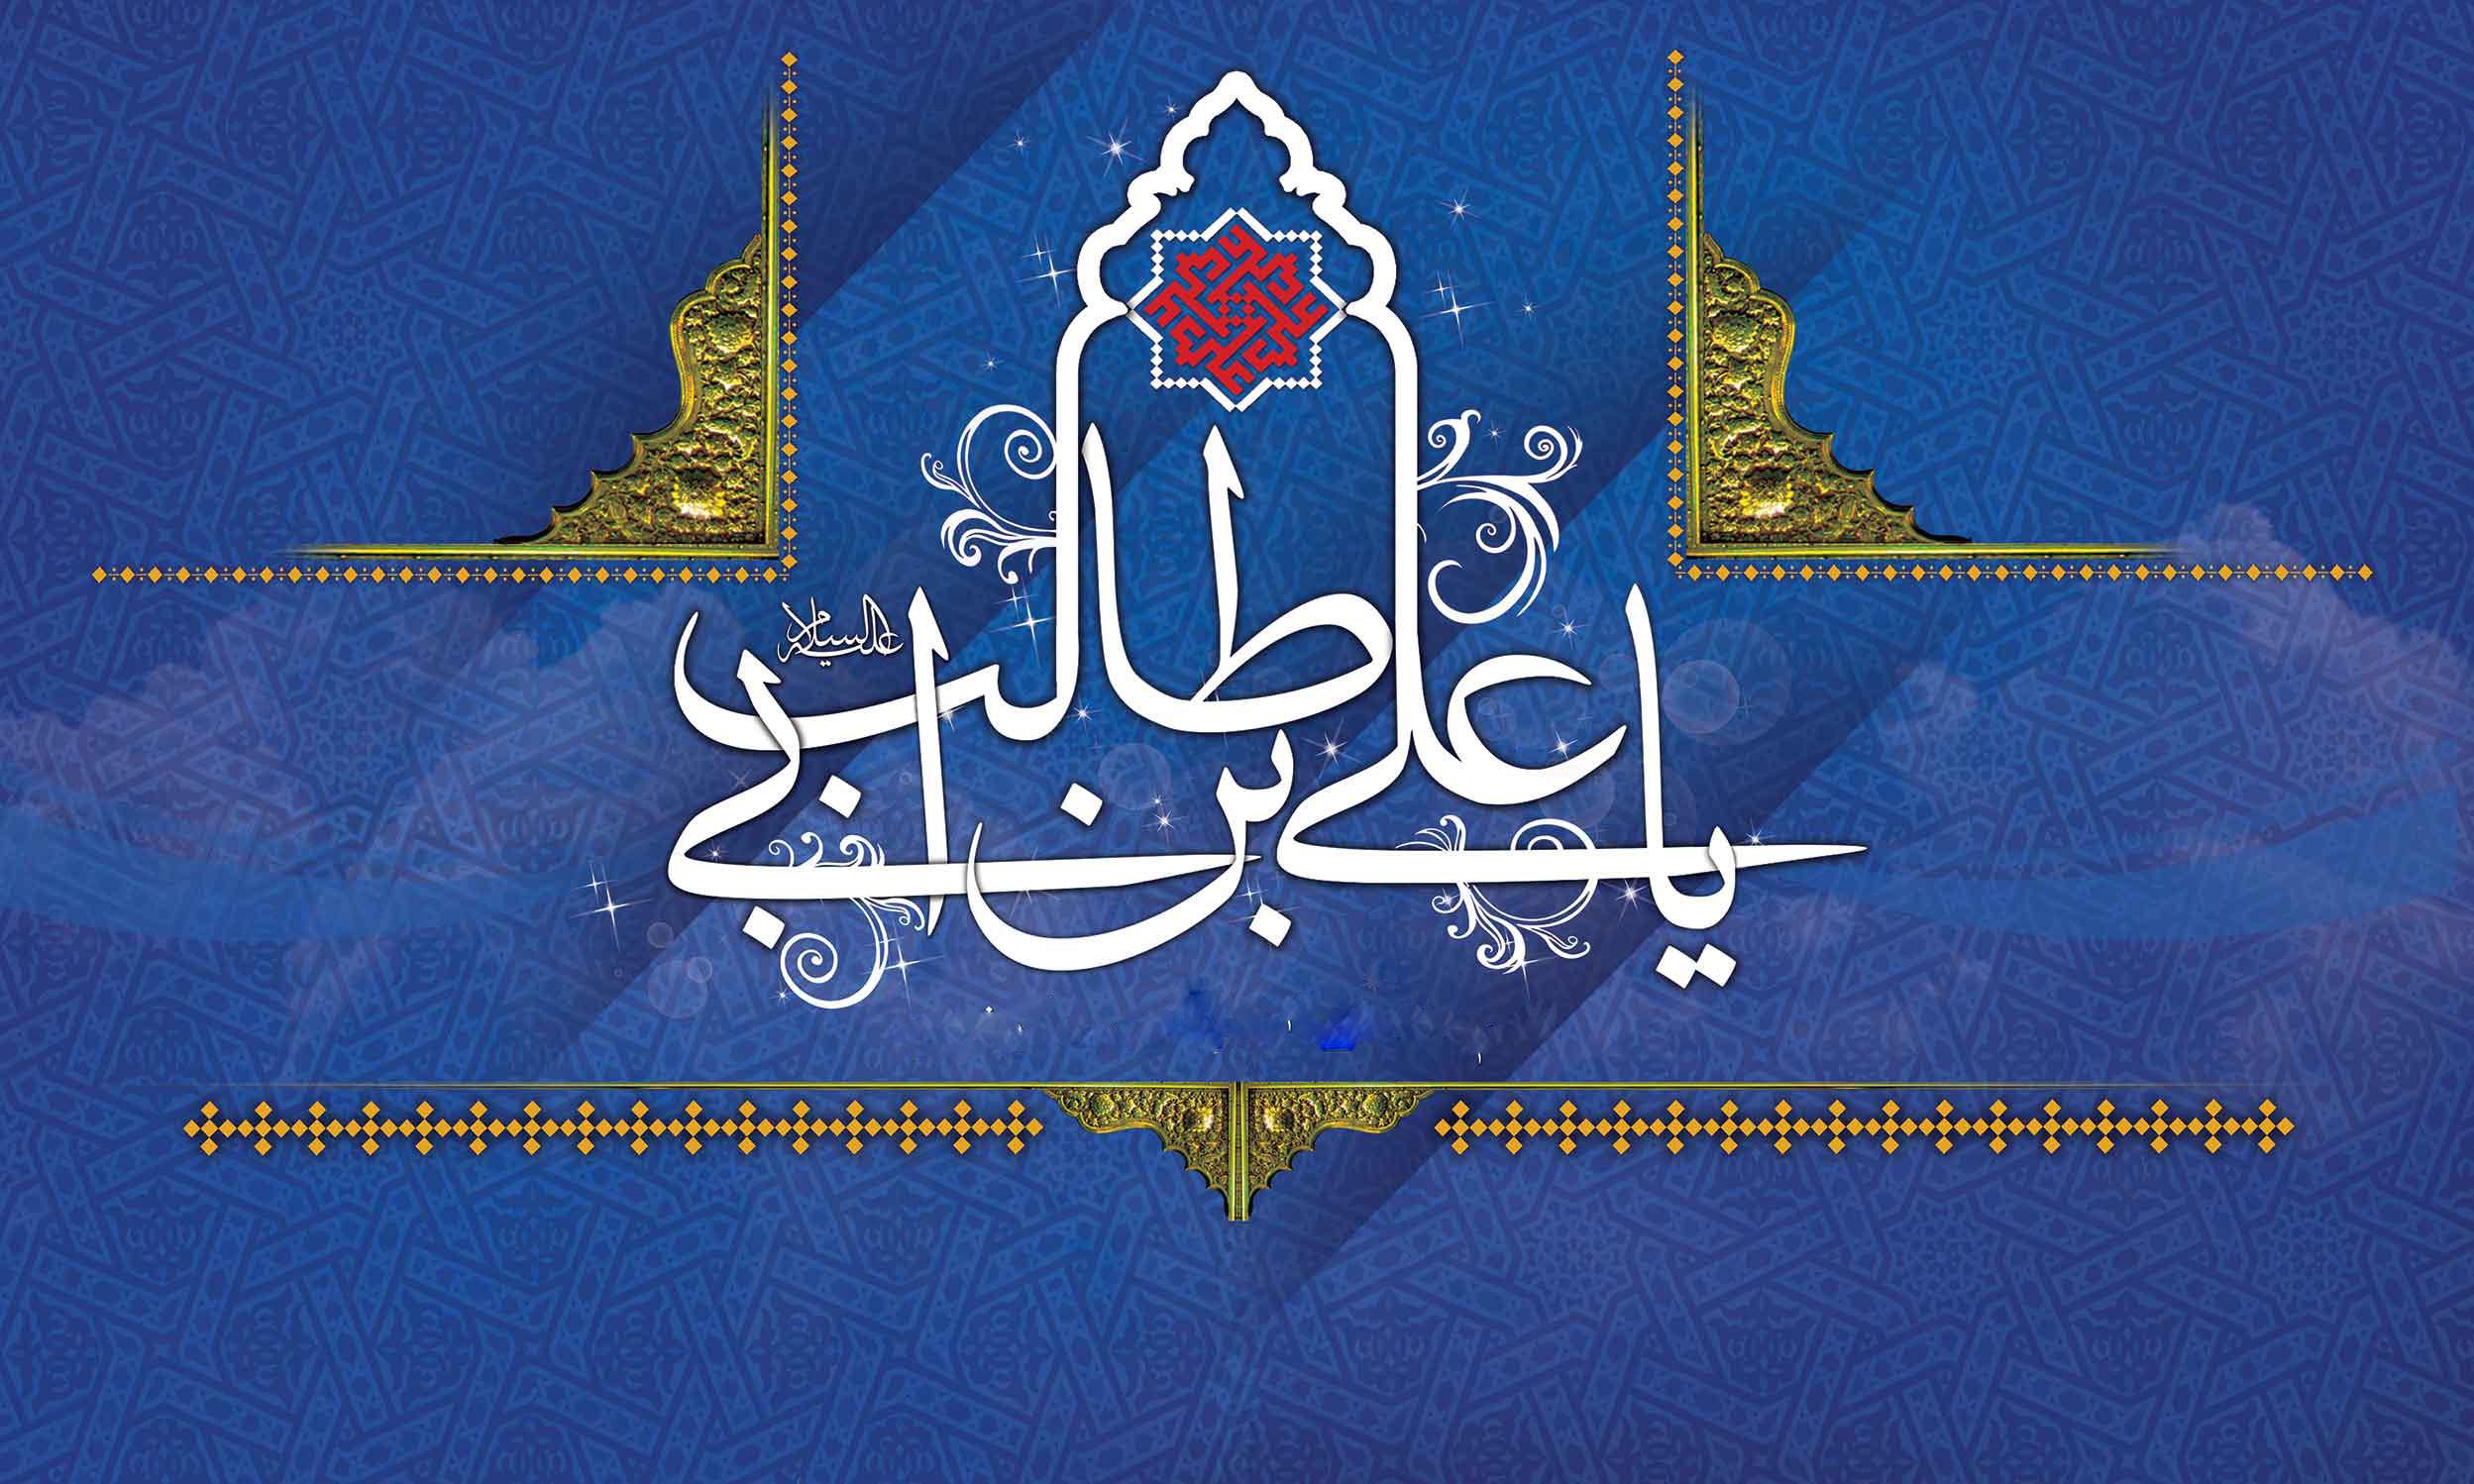 حکمراني مطلوب از نگاه امام علي (ع)